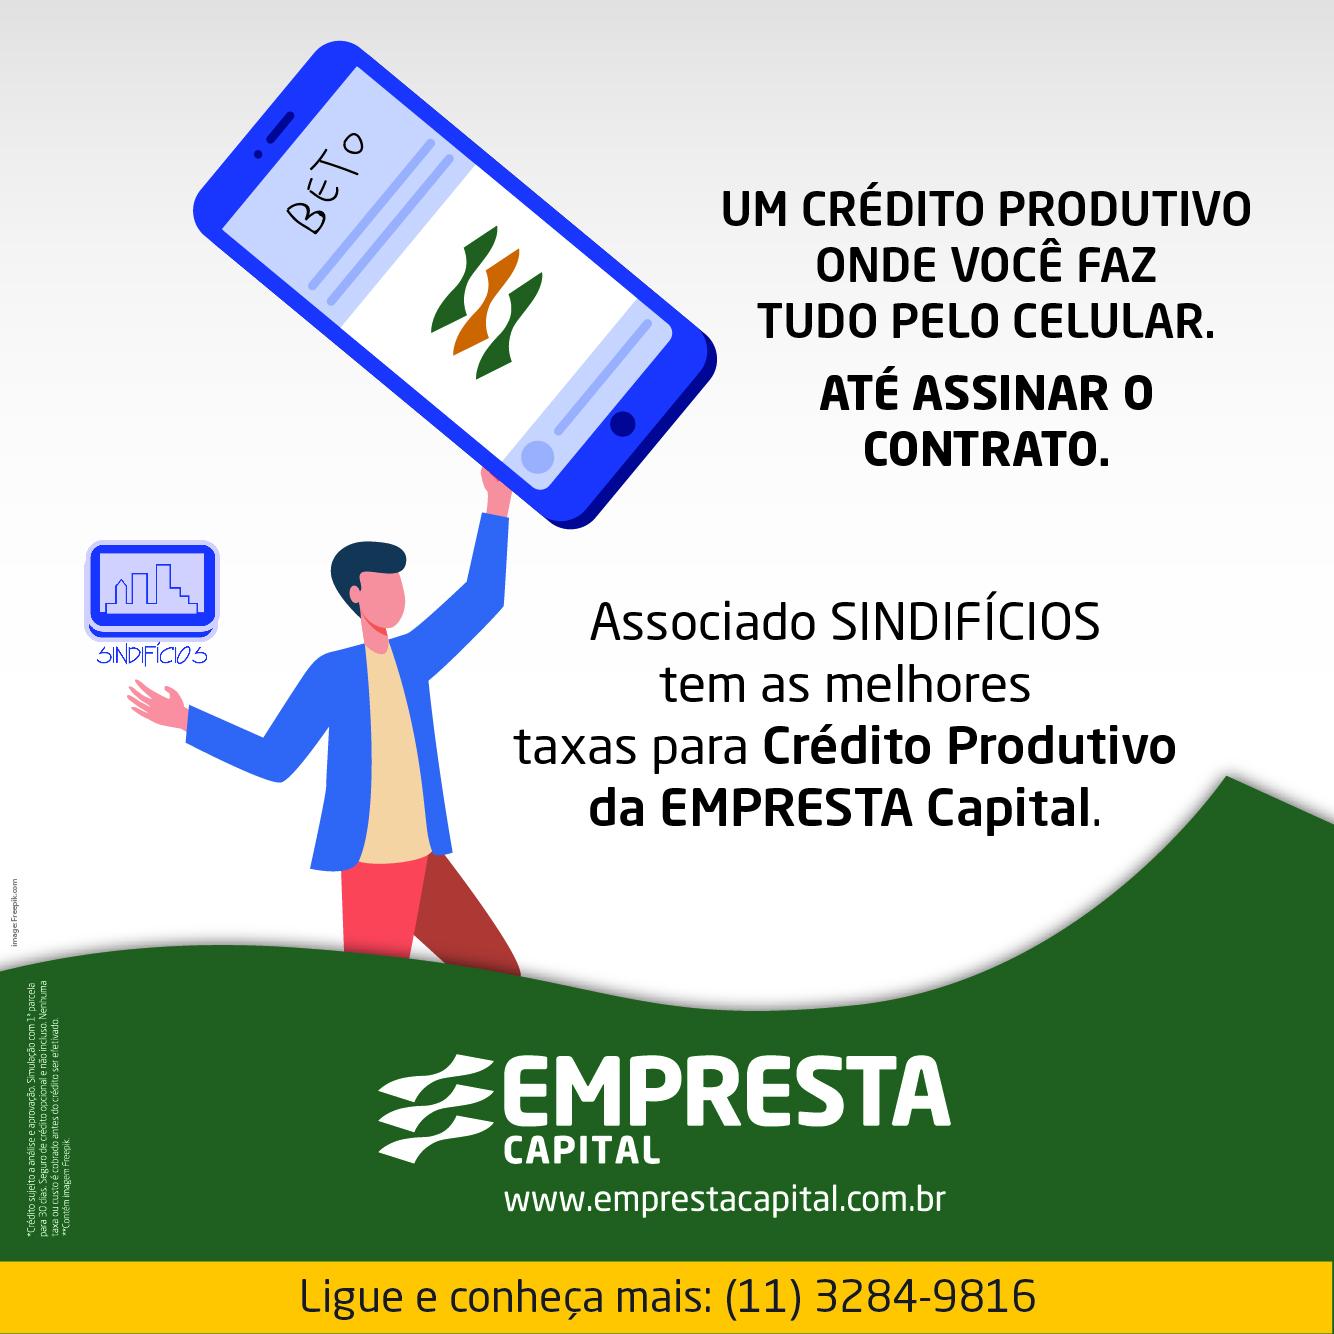 Empréstimo pelo celular, sem burocracia